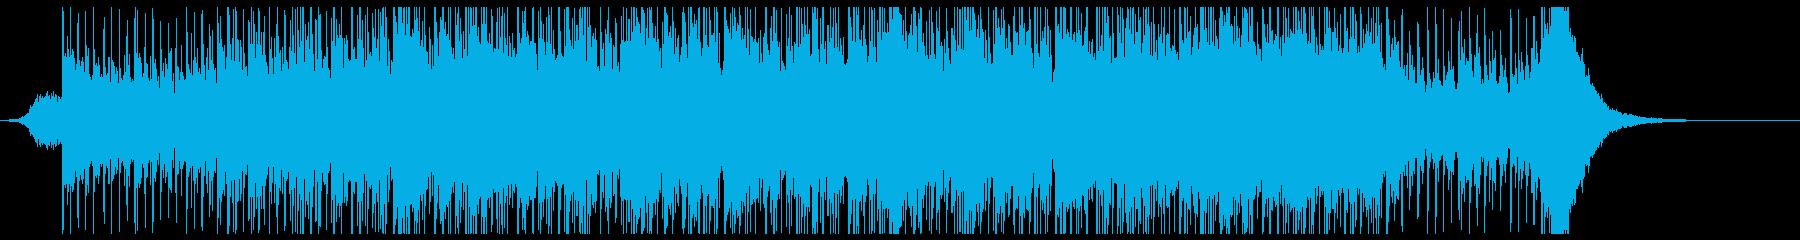 荘厳なギターアンビエントの再生済みの波形